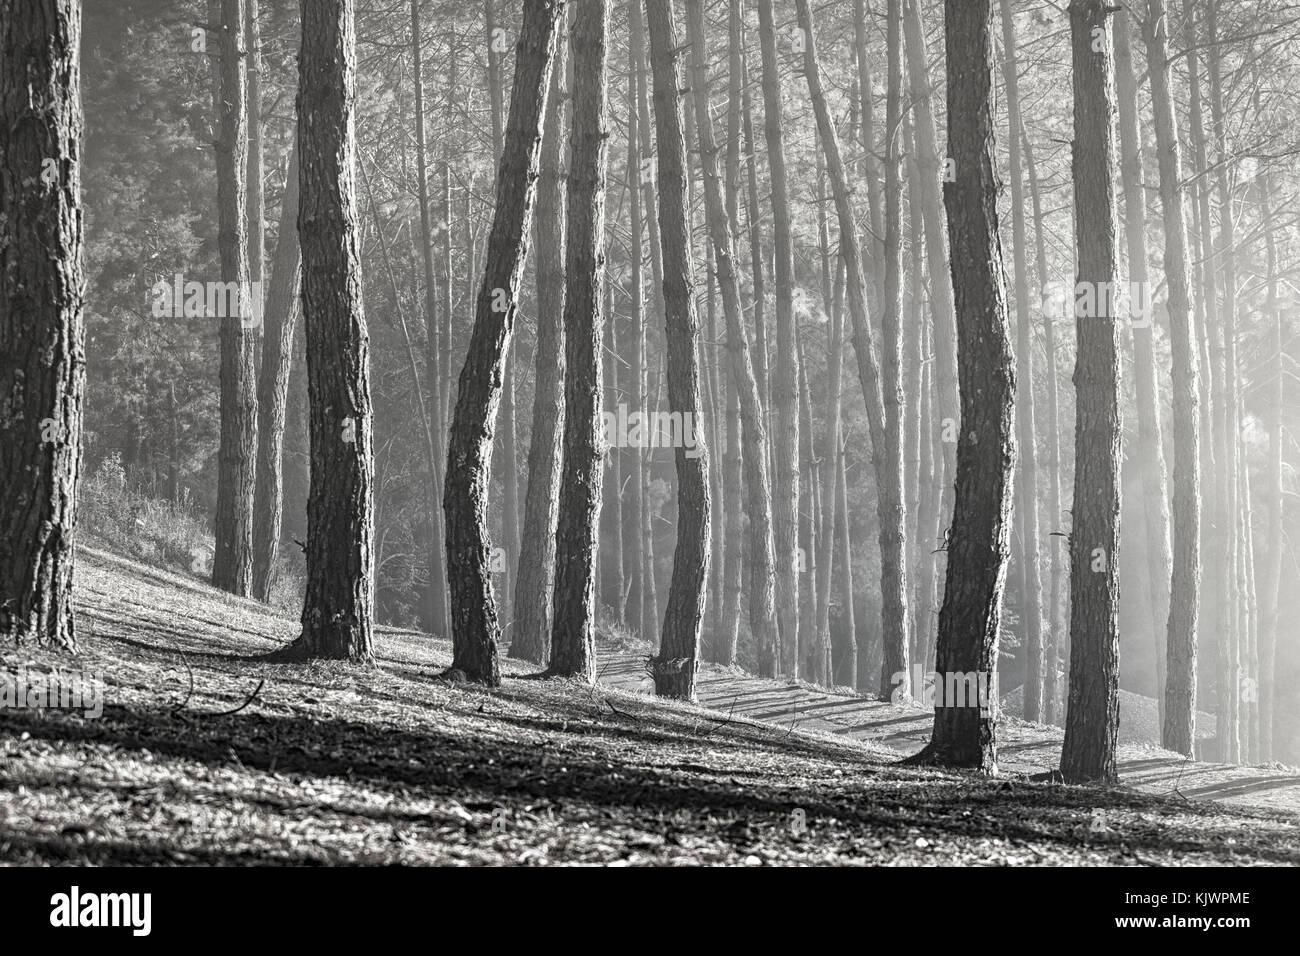 Legno Bianco E Nero : Texture albero bianco e nero foto gratis su pixabay